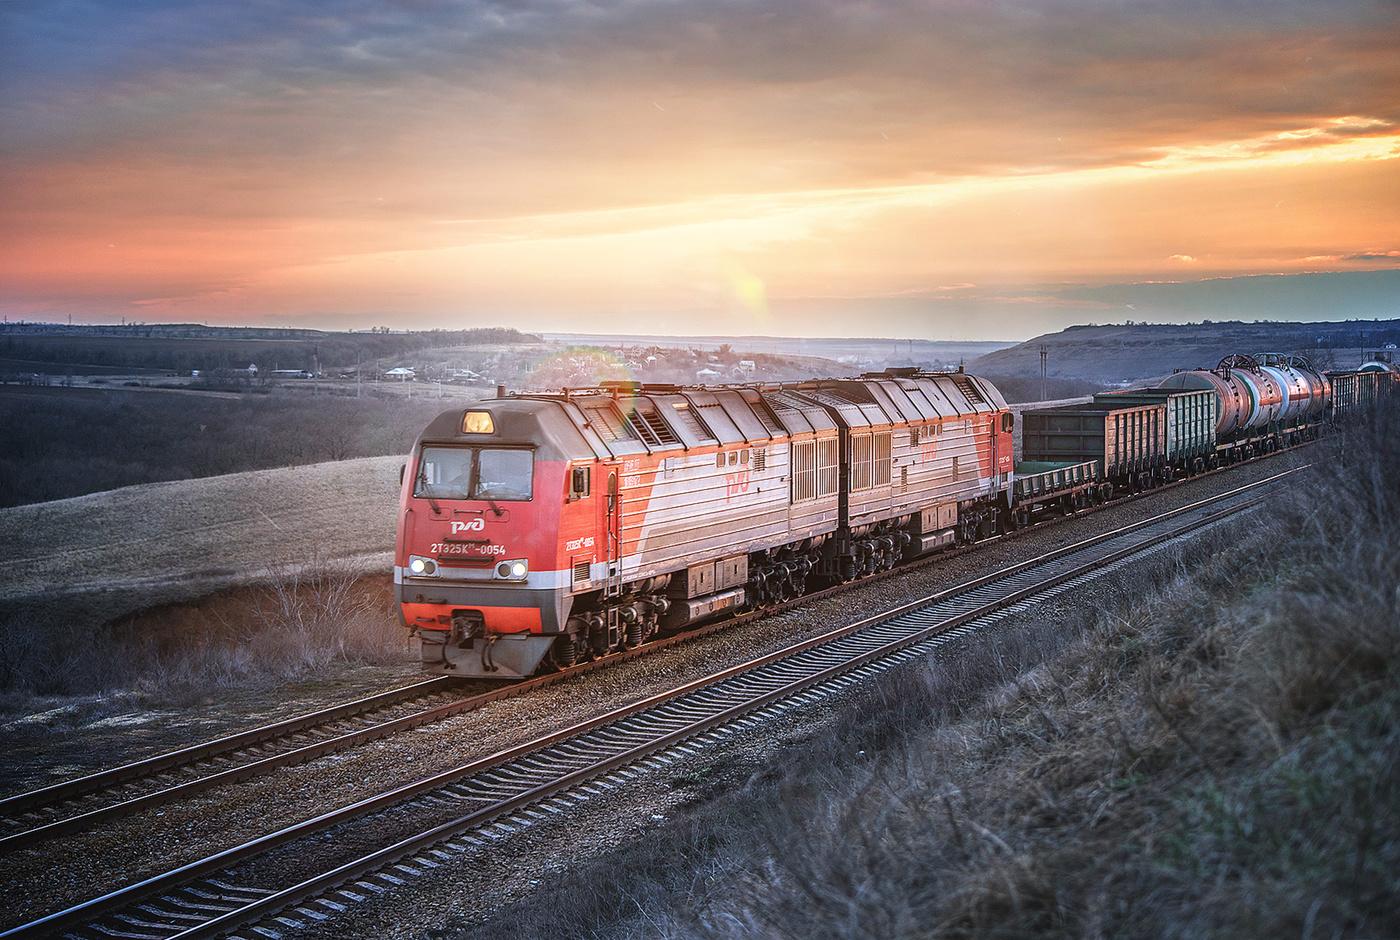 картинка поезд ржд фото достопримечательностей